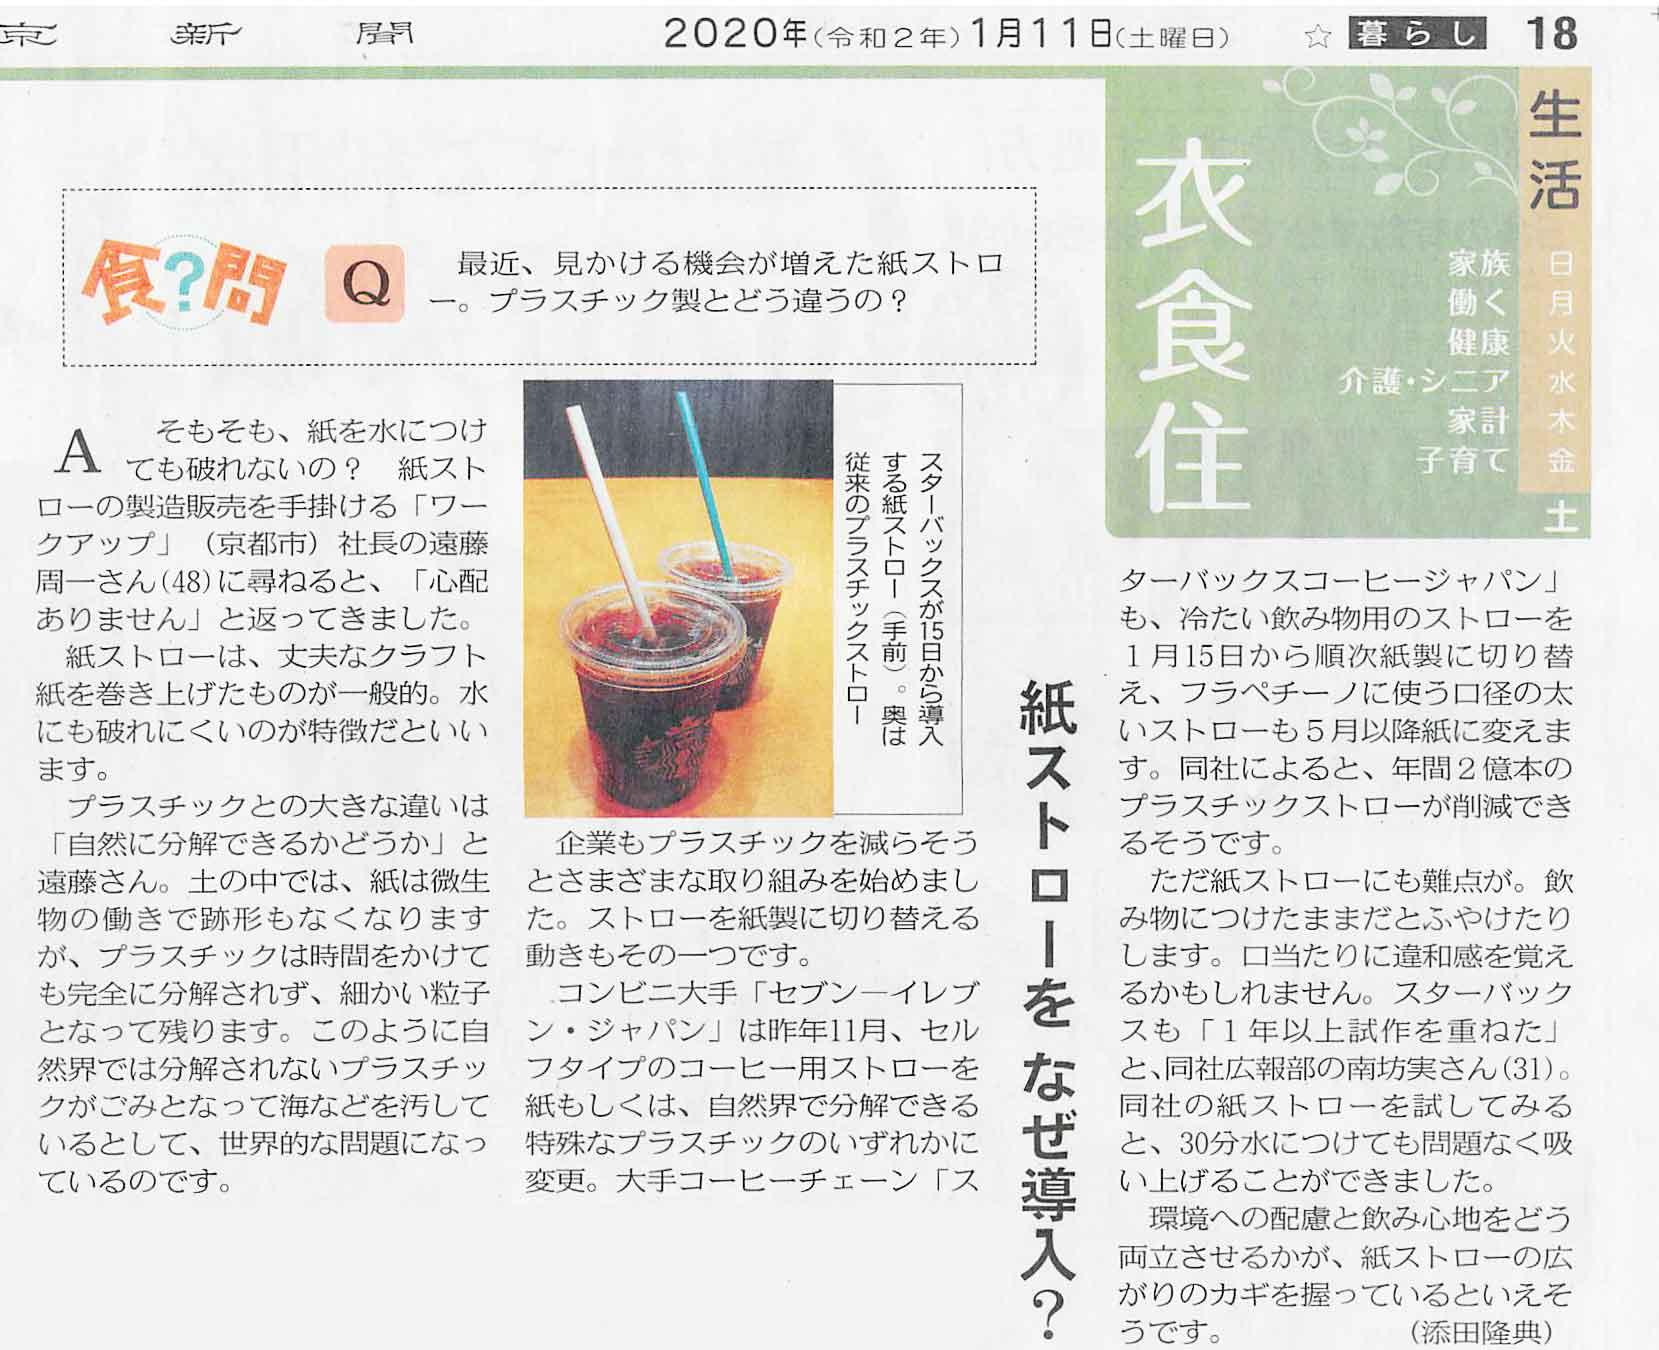 2020111東京新聞